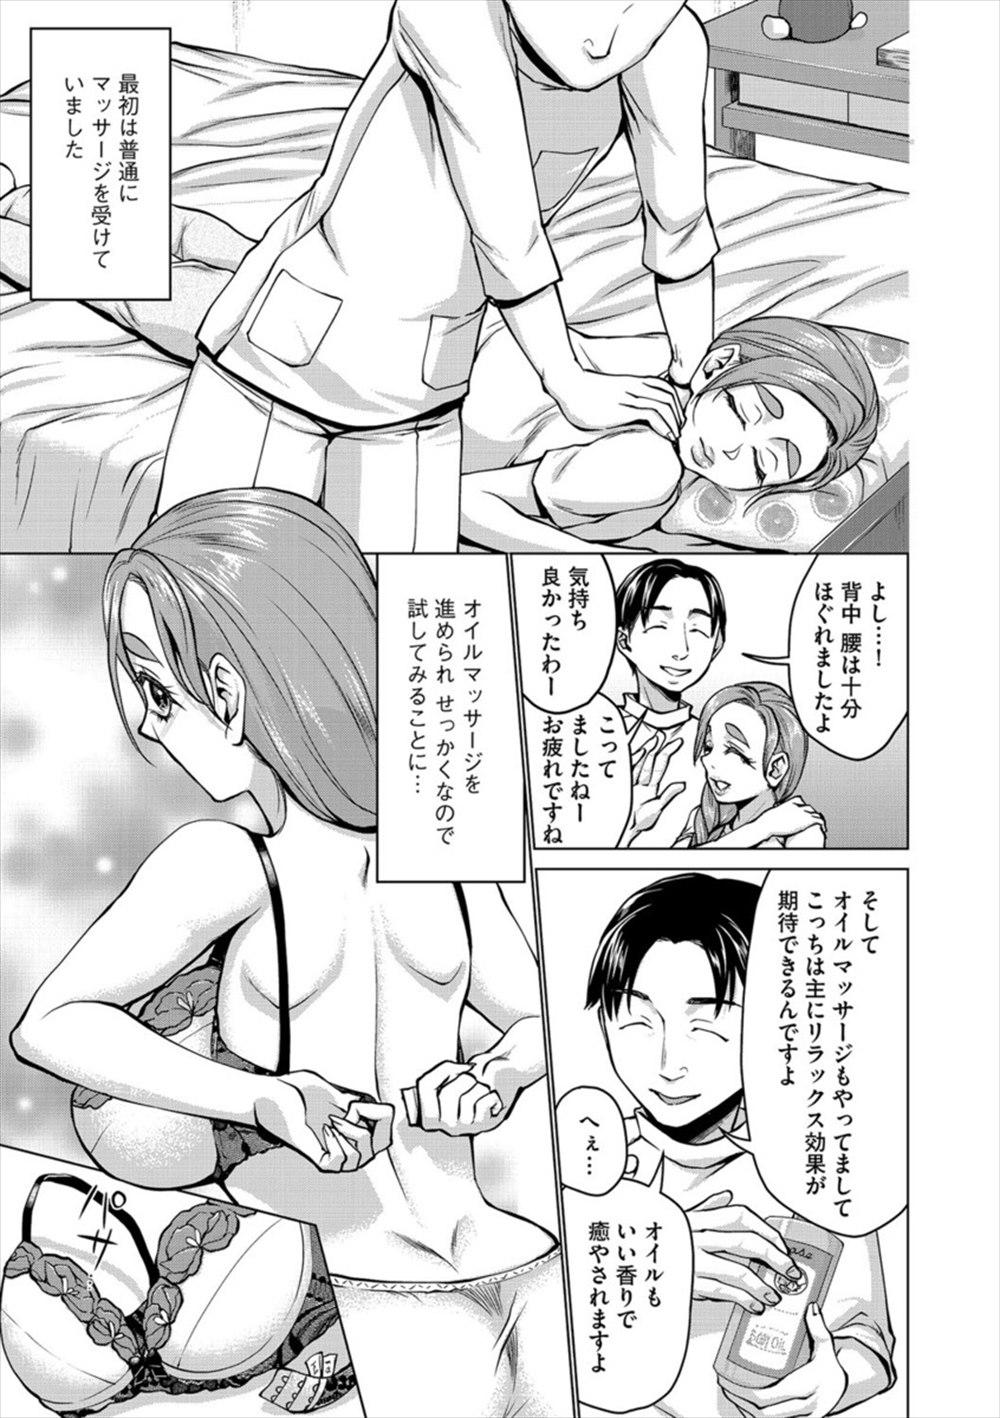 【エロ漫画】無料マッサージに惹かれて施術を受ける人妻熟女が性感マッサージでセクハラされNTRレイプされてしまうwww